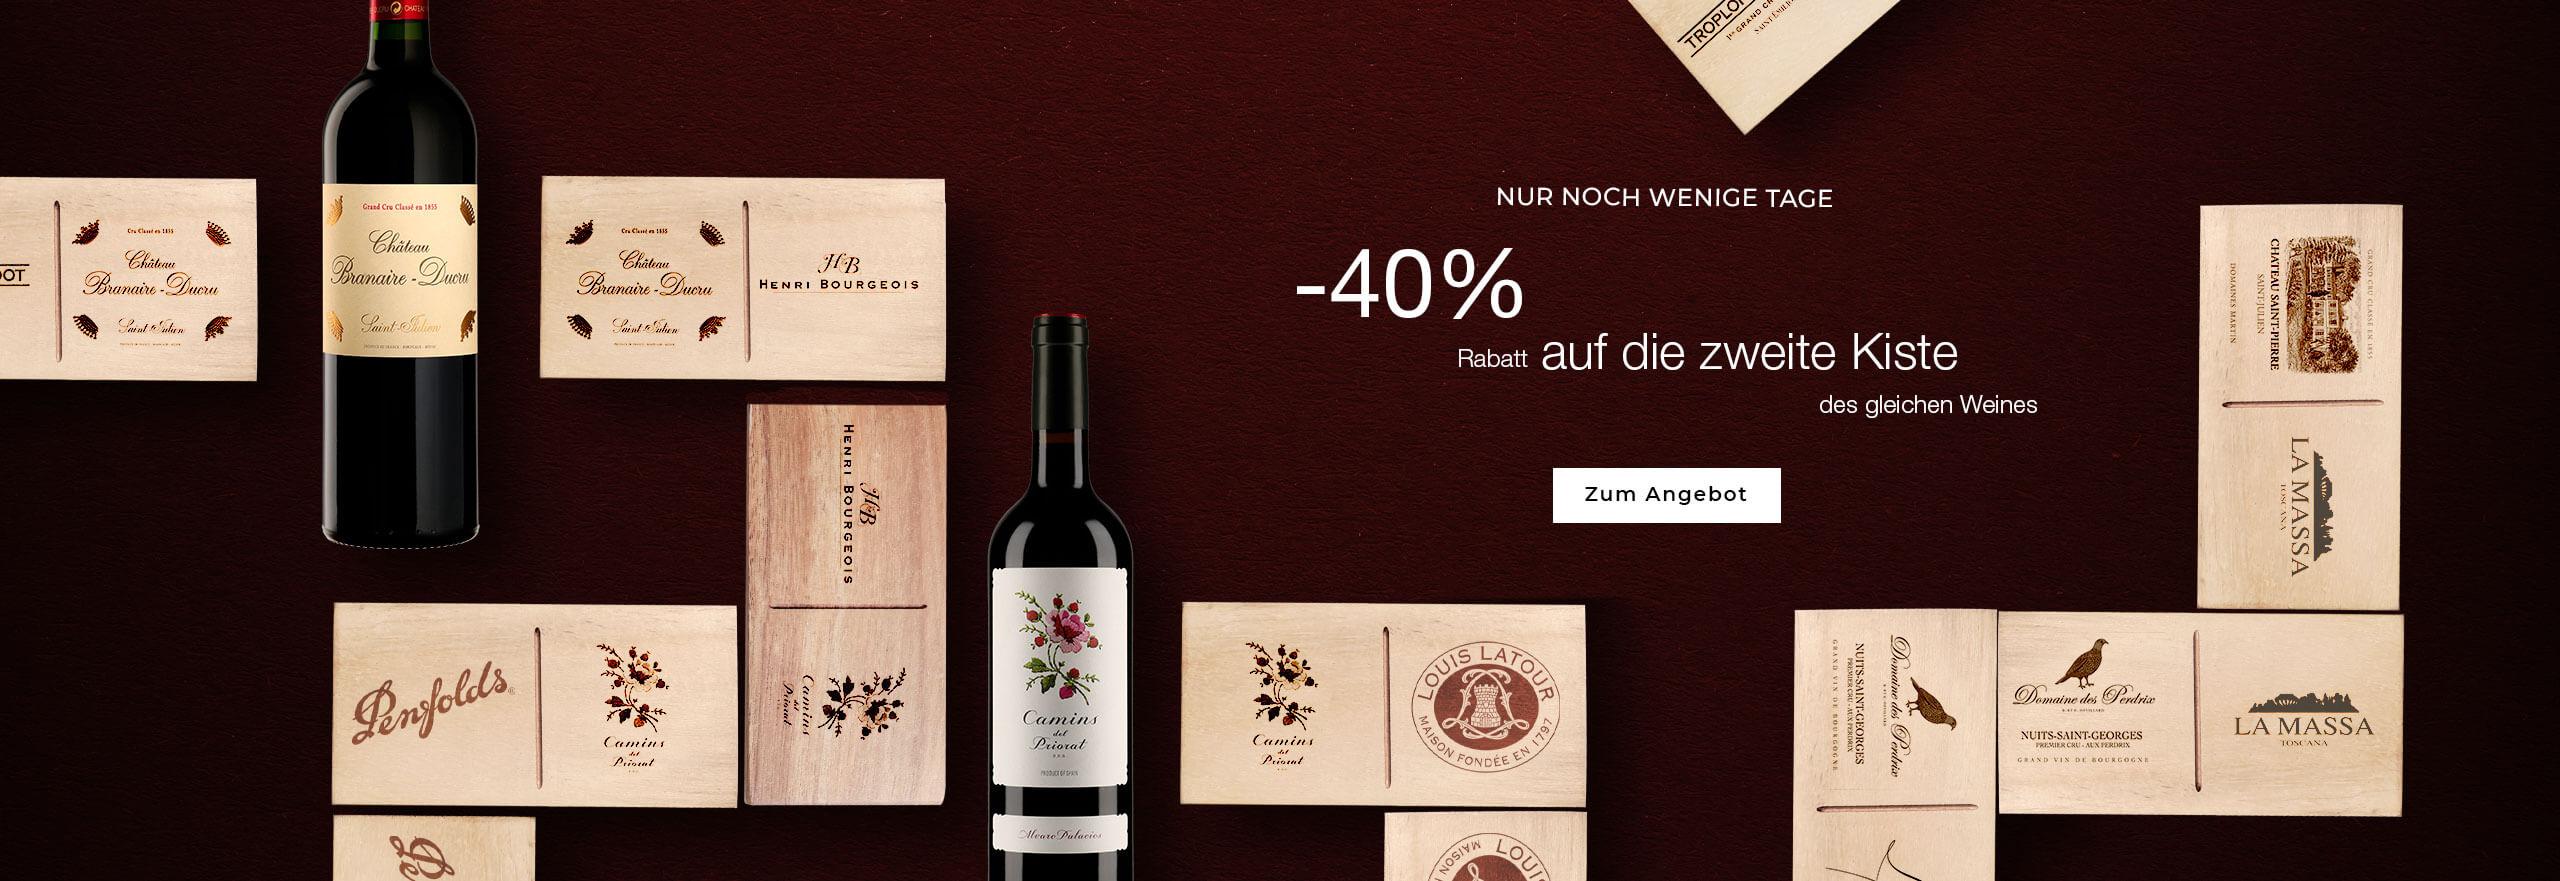 Neues Angebot: 40% Rabatt auf die 2. gekaufte Kiste des gleichen Weins